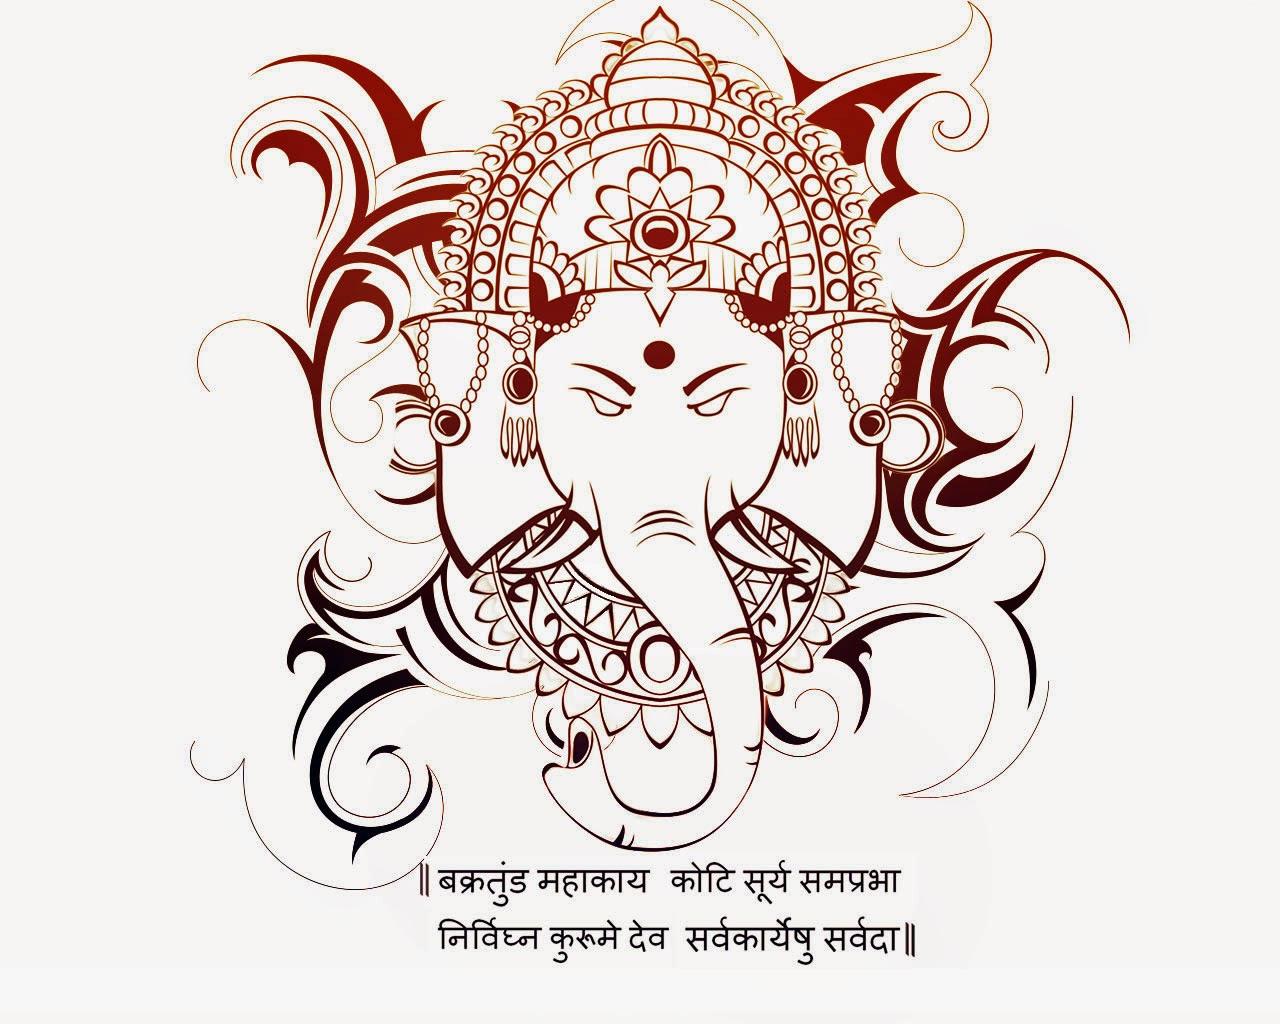 1280x1024 Lord Ganesha Sketch Sketch Ganpati. Ganpati Drawing Ganesha